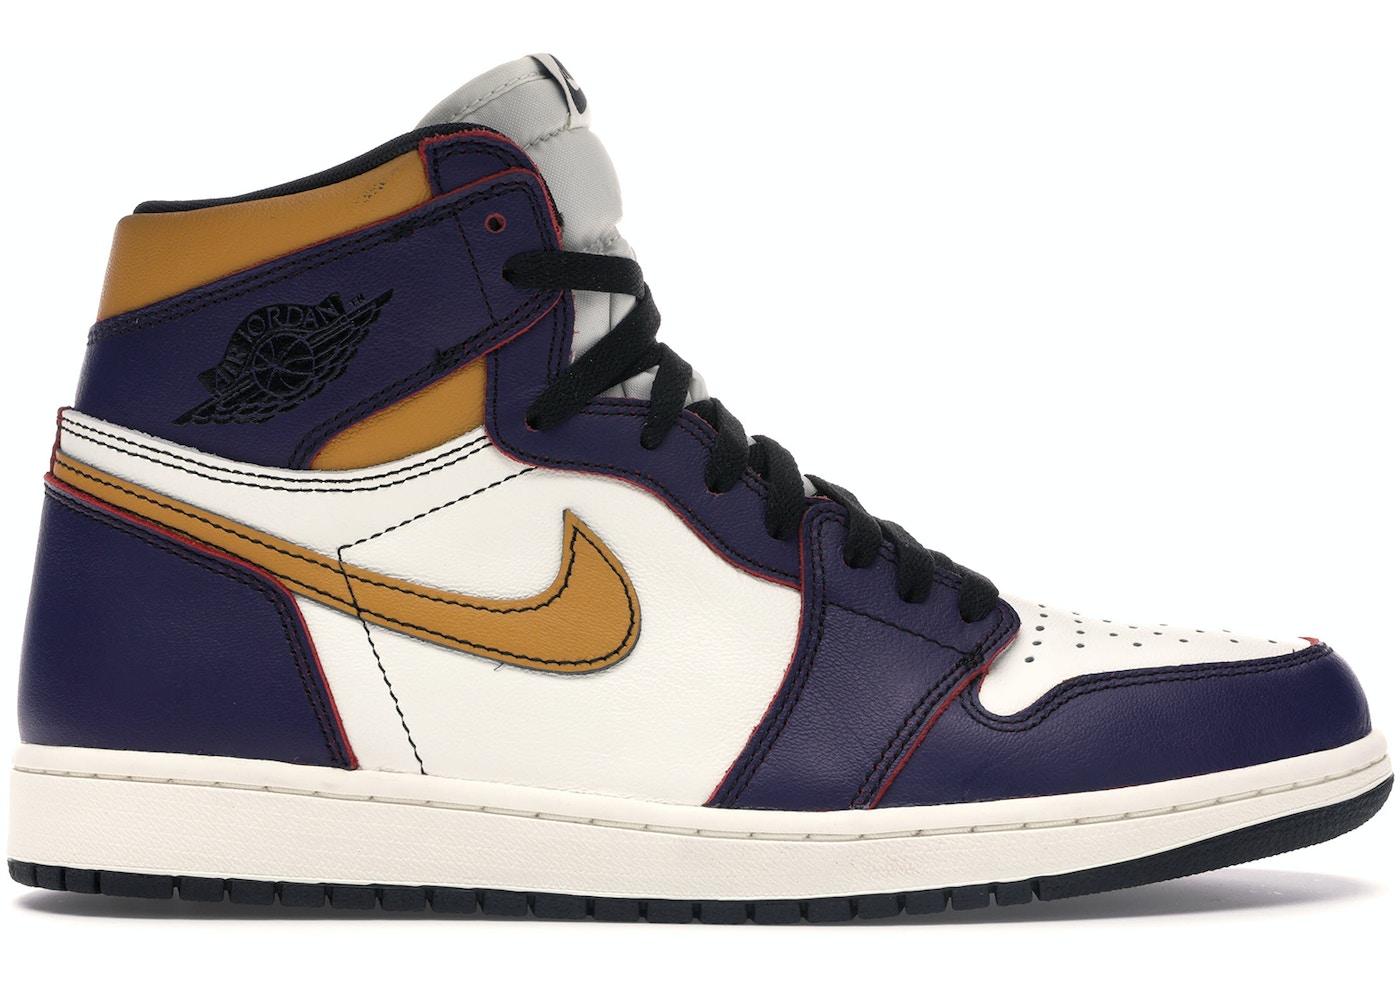 f0104ecc312d Buy Air Jordan 1 Shoes   Deadstock Sneakers